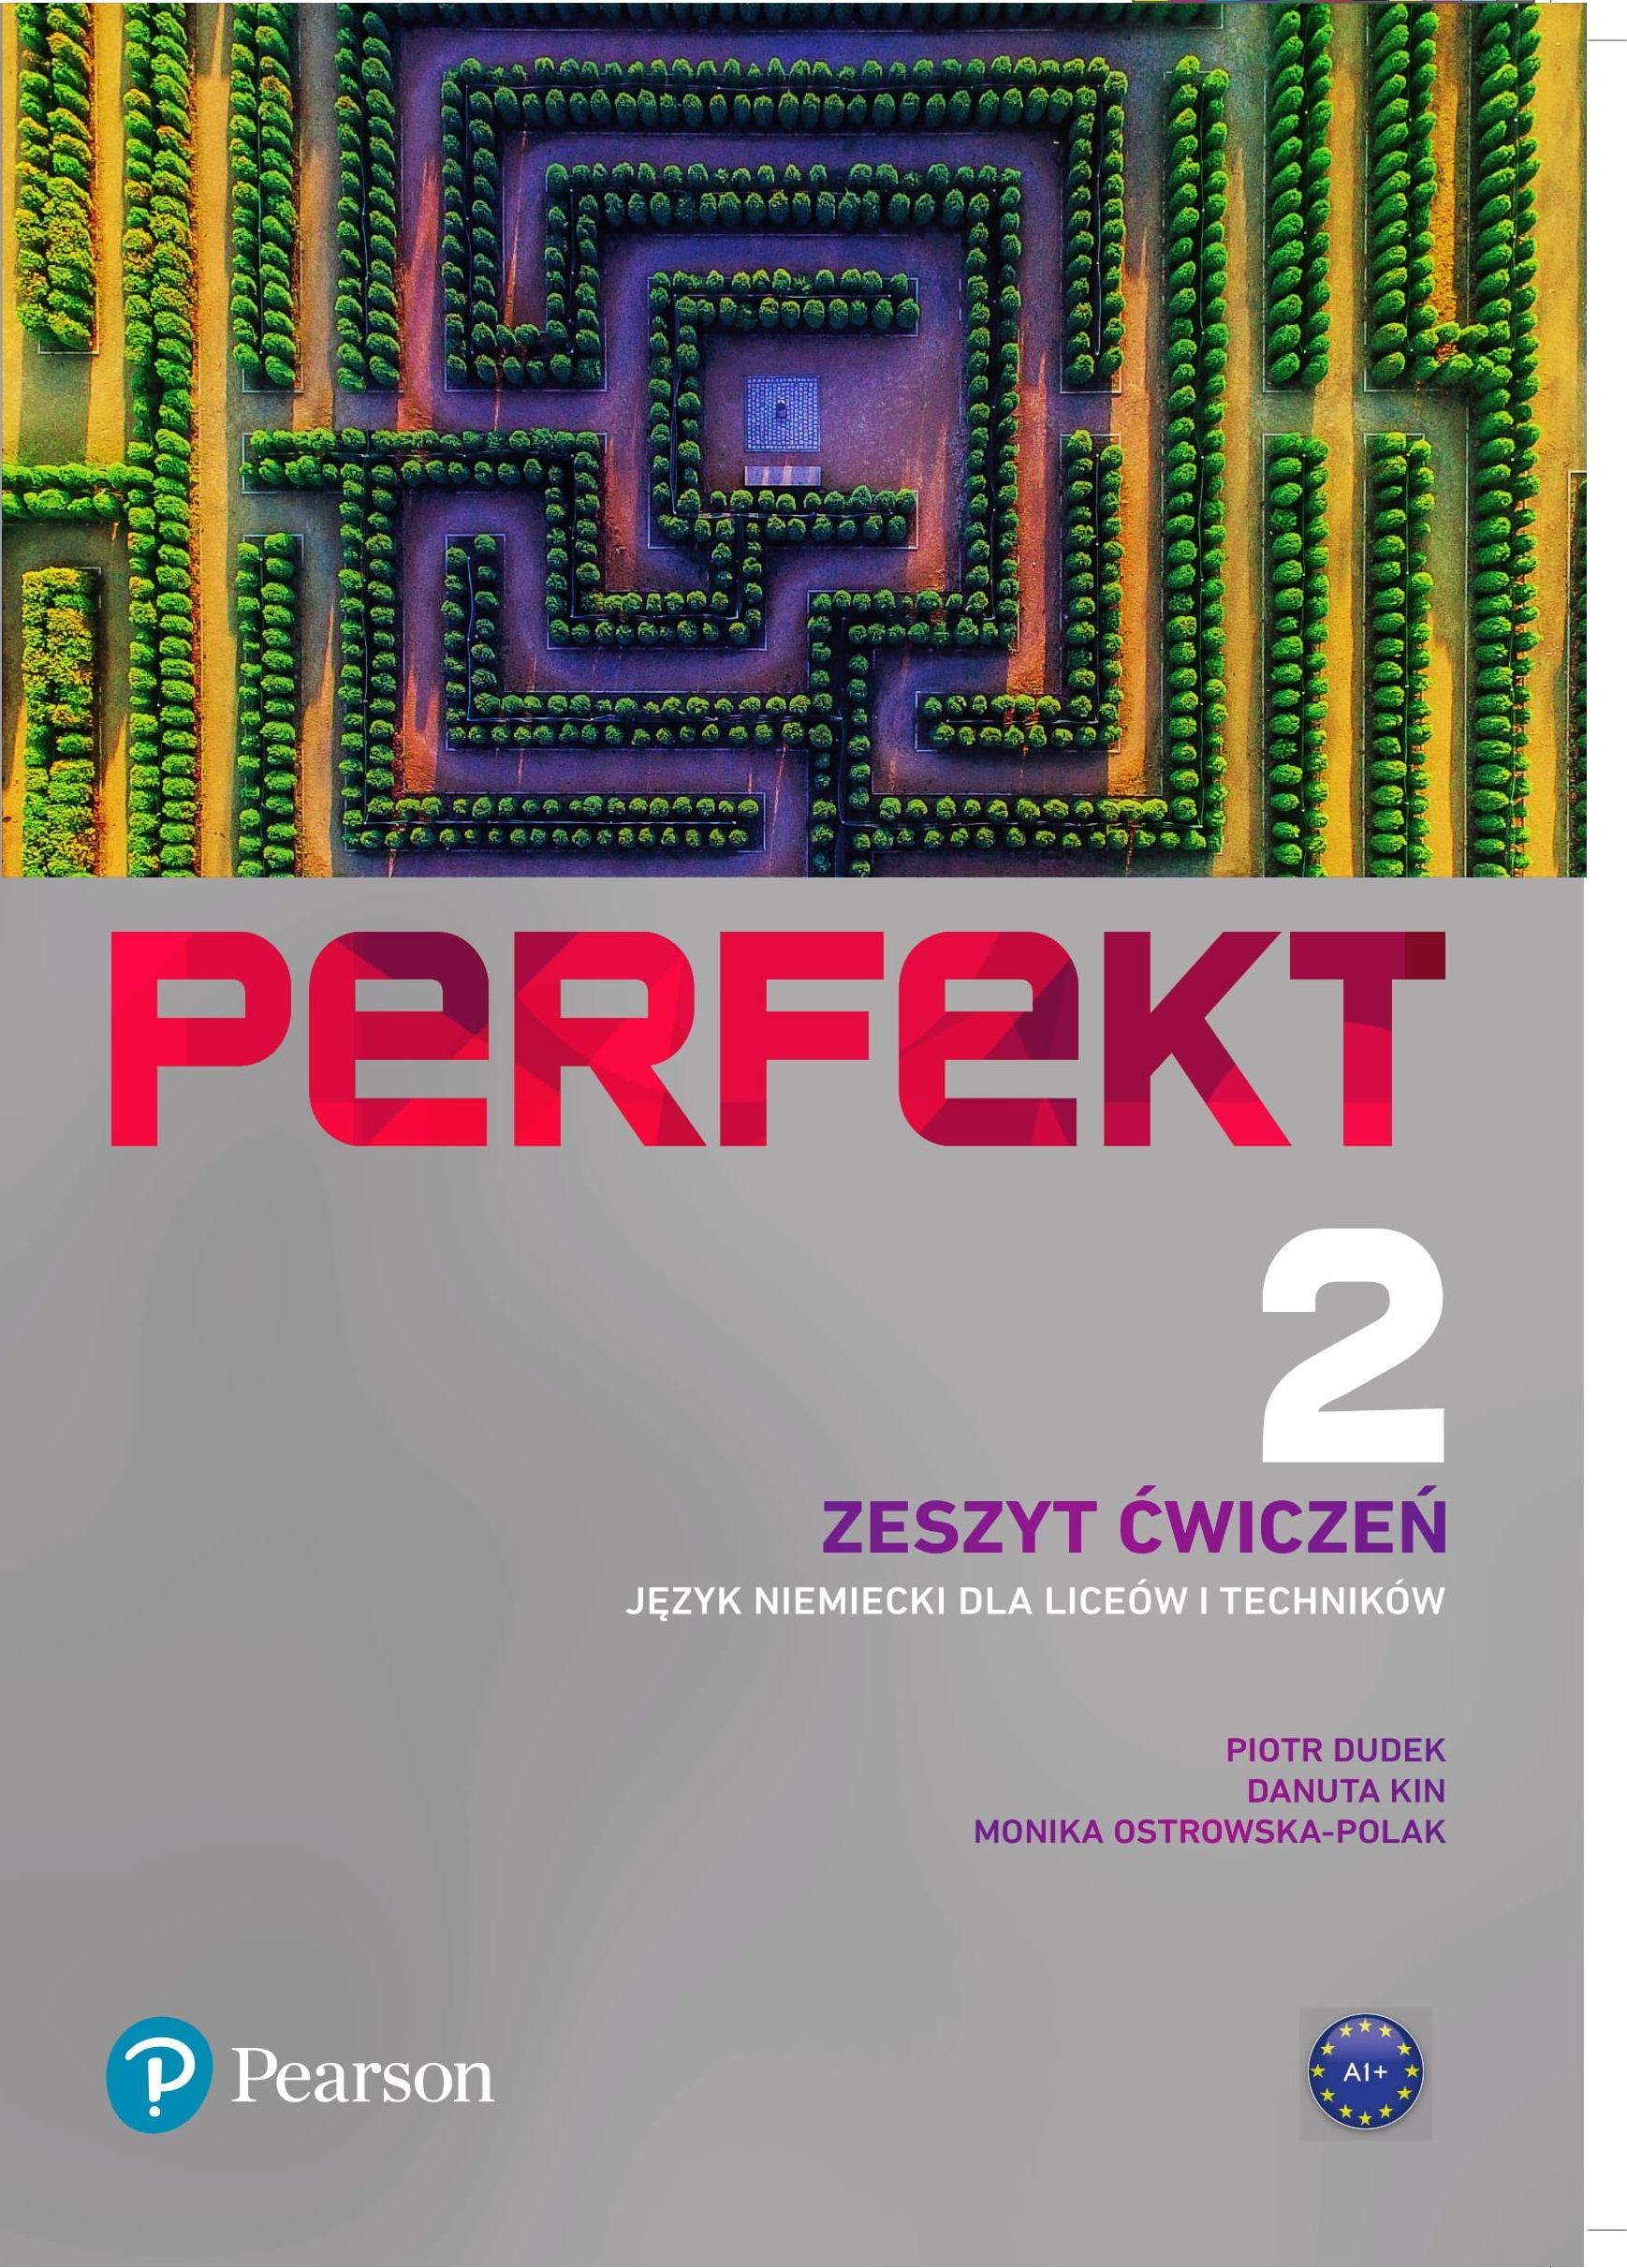 Perfekt 2. Język Niemiecki. Zeszyt ćwiczeń + kod (Interaktywny zeszyt ćwiczeń). Liceum i Technikum